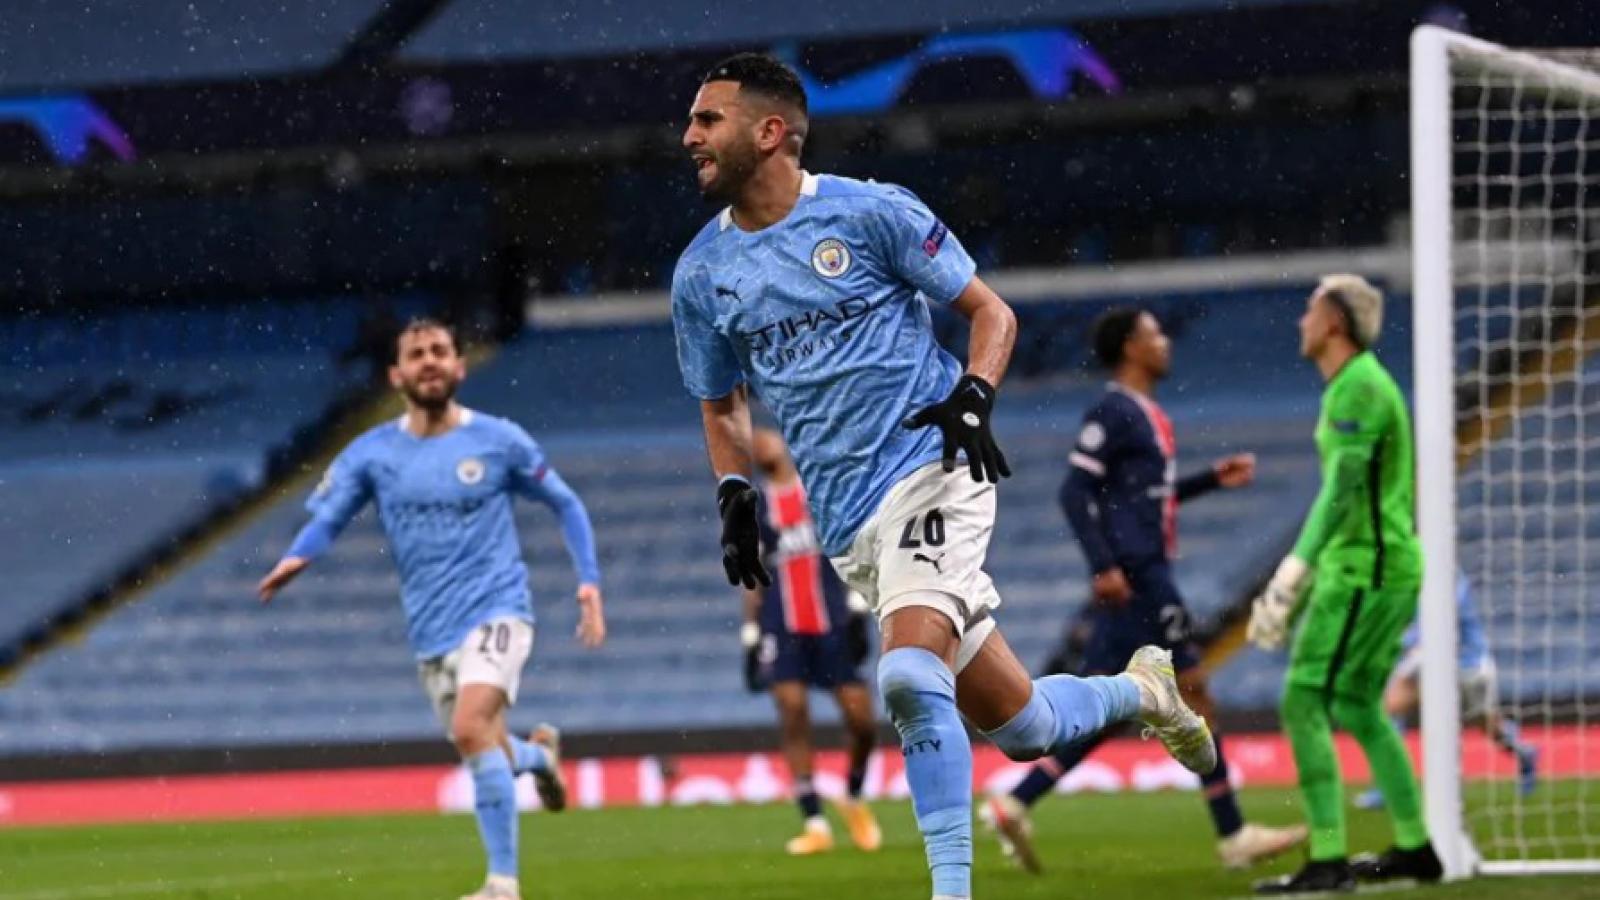 Toàn cảnh: Ngôi sao châu Phi tỏa sáng đưa Man City lần đầu vào chung kết Champions League